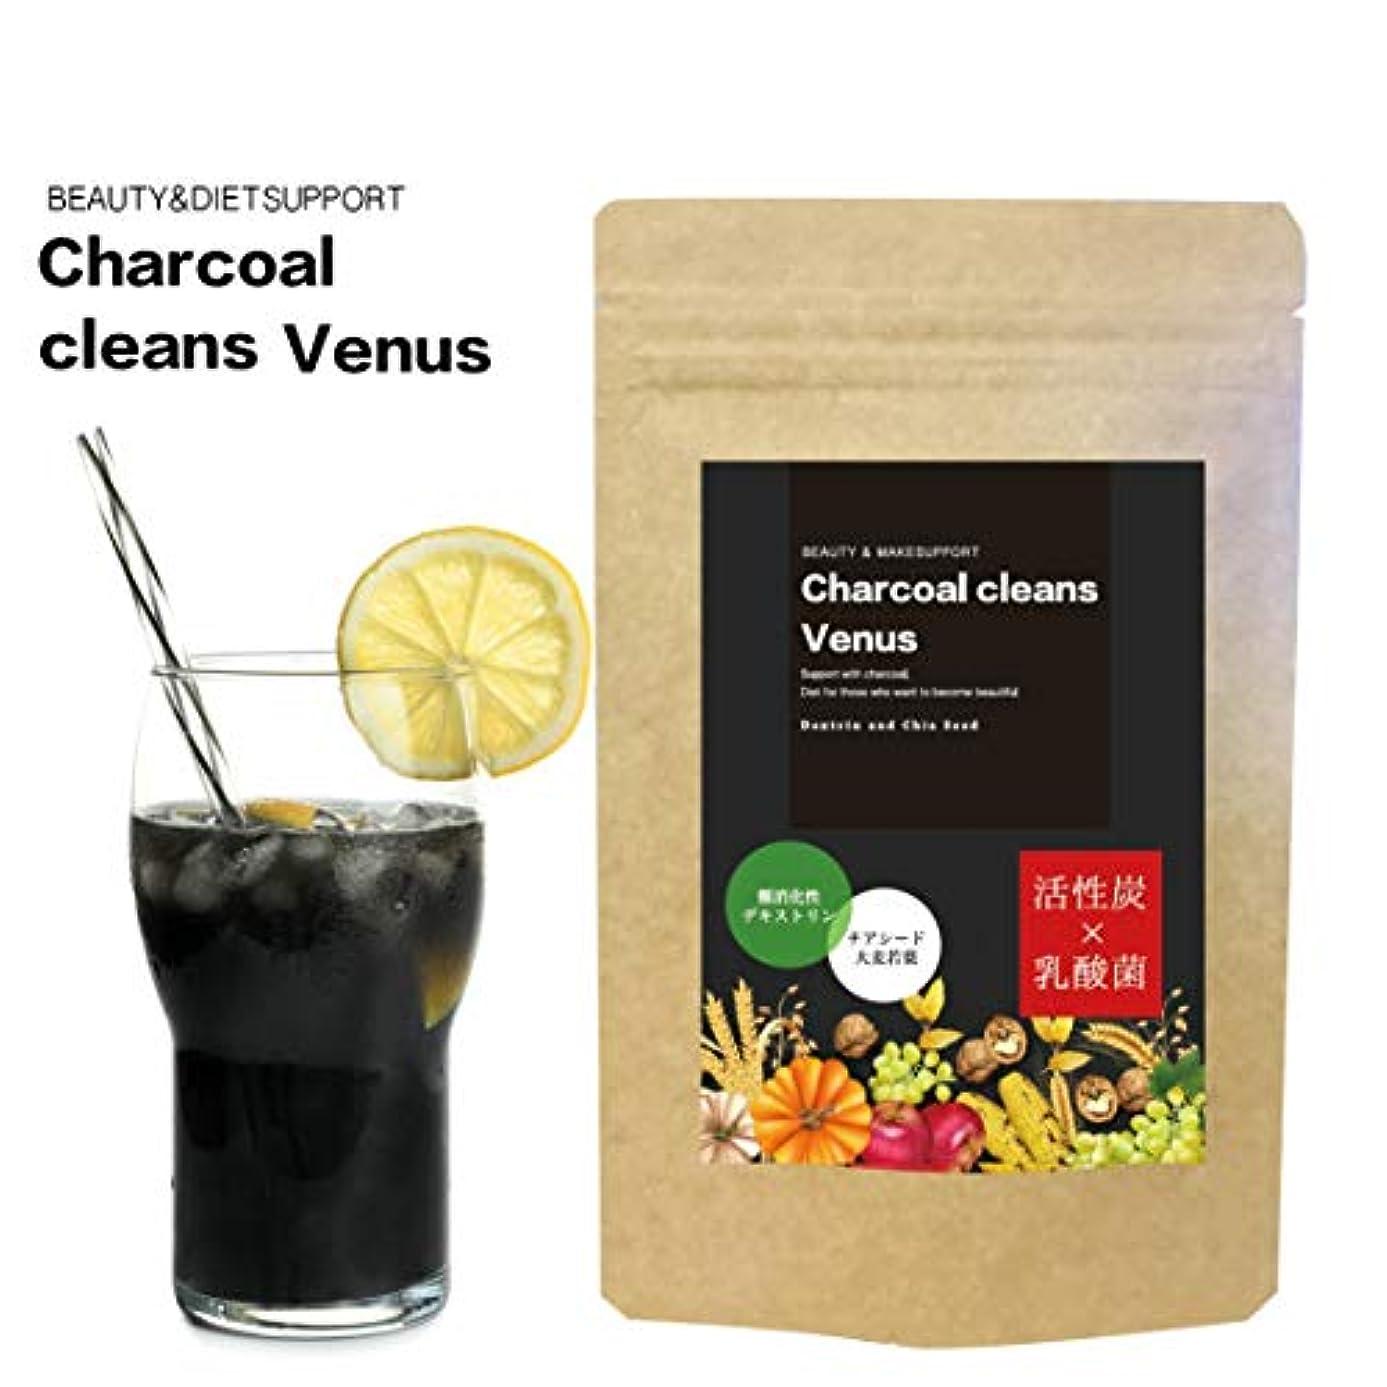 買収シャックル曇った炭 デトックス & ダイエット 活性炭 + 乳酸菌 チャコールクレンズ ビーナス 約1ヶ月分 150g フルーツMIX味